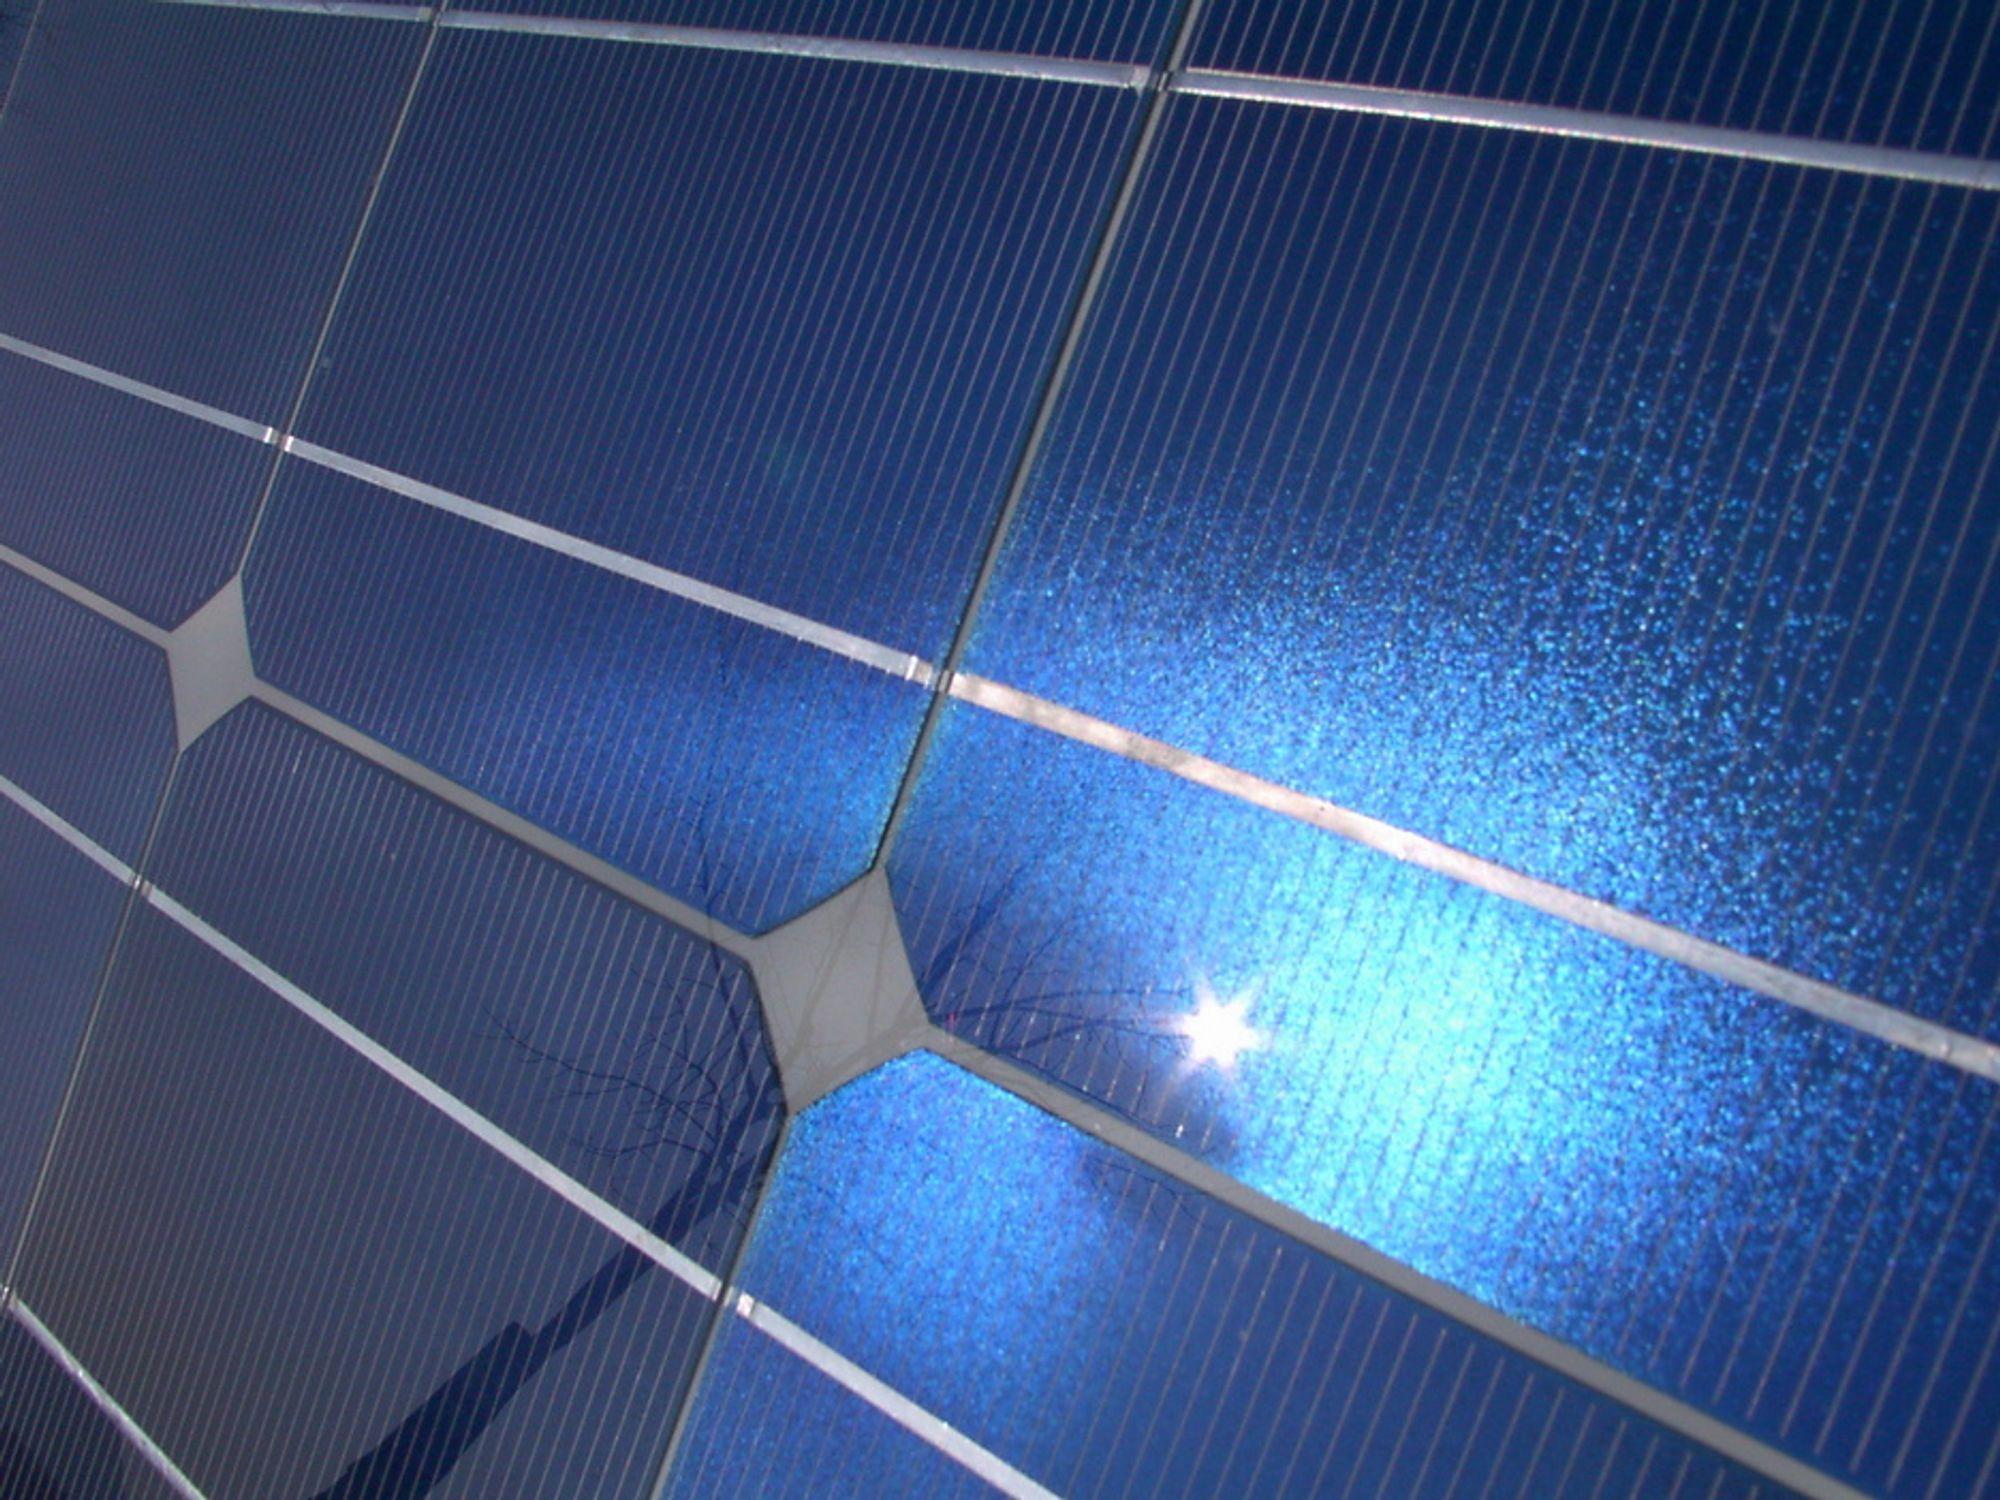 Søknader for dobbelt så mye som det avsatte beløpet strømmet inn til svenske Energimyndigheten i løpet av den første uken med tilskudd til solceller.